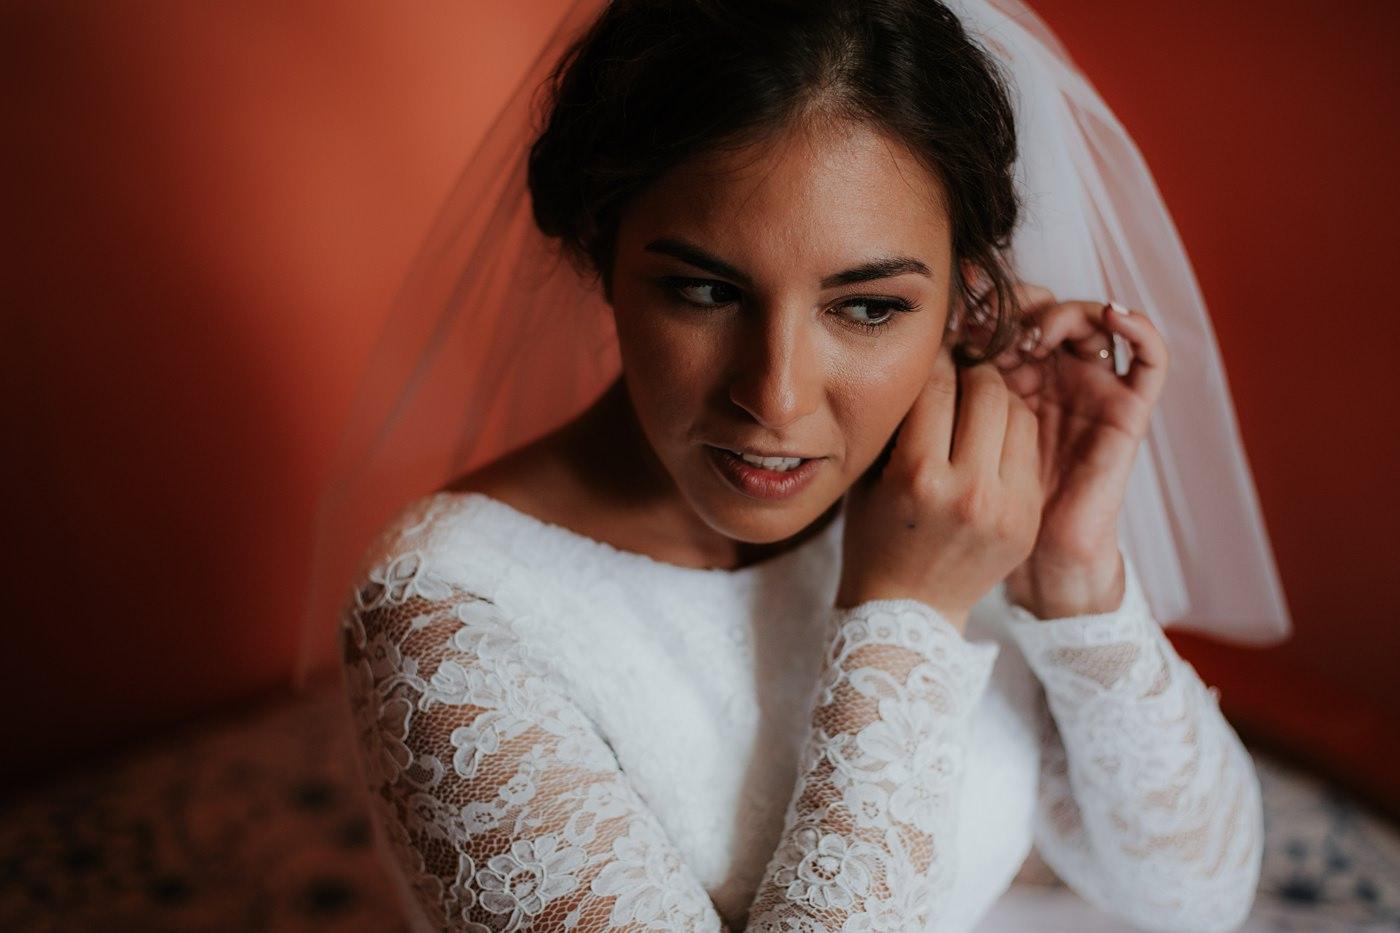 Dominika & Aleksander - Rustykalne wesele w stodole - Baborówko 7